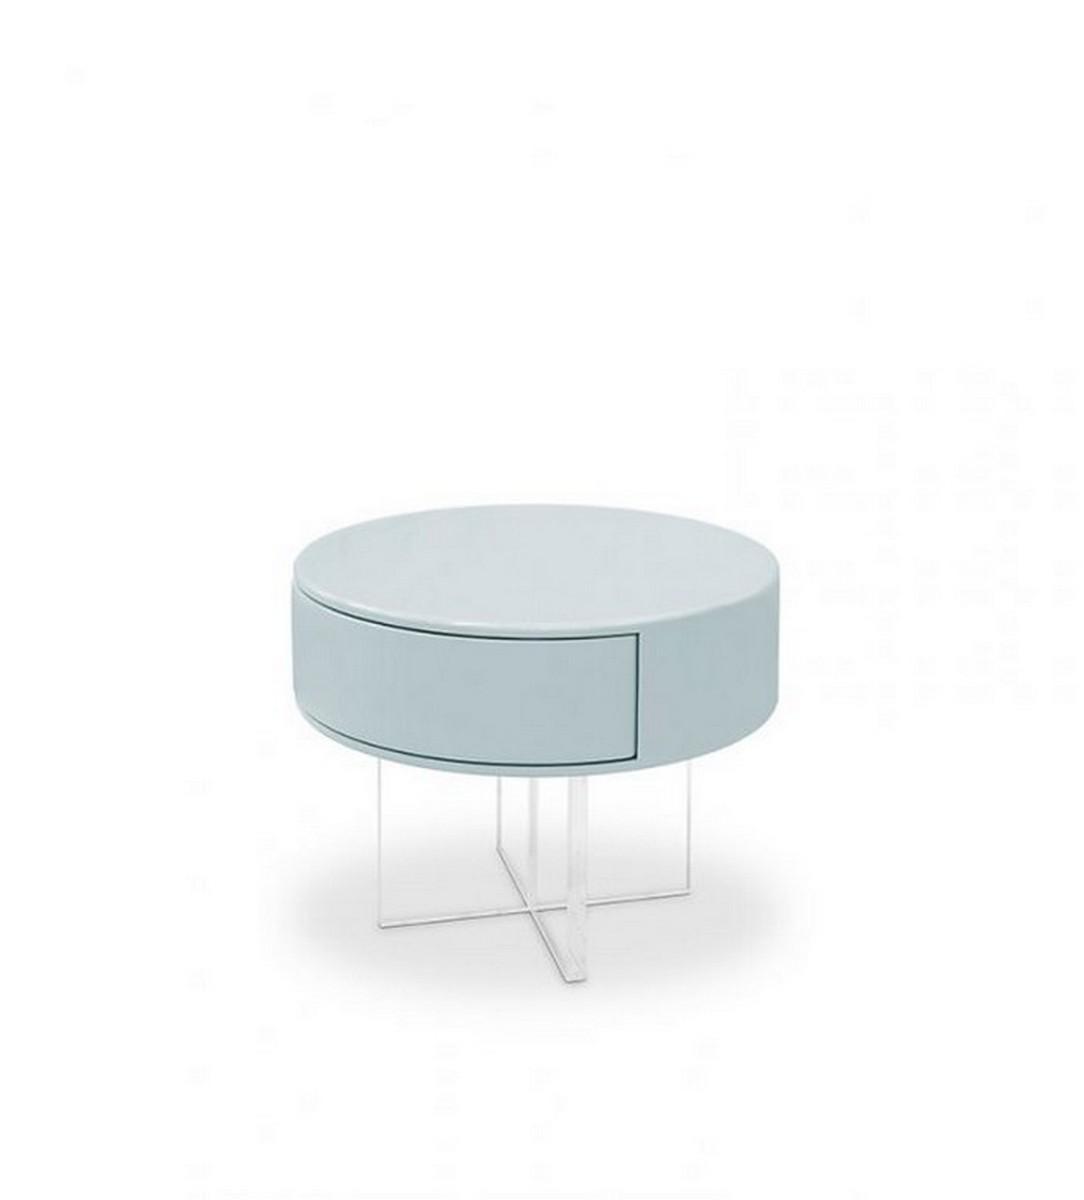 Circu Presenta una experencia exclusiva de diseño mágico diseño mágico Circu Presenta una experencia exclusiva de diseño mágico cloud nightstand circu magical furniture light blue 2 1